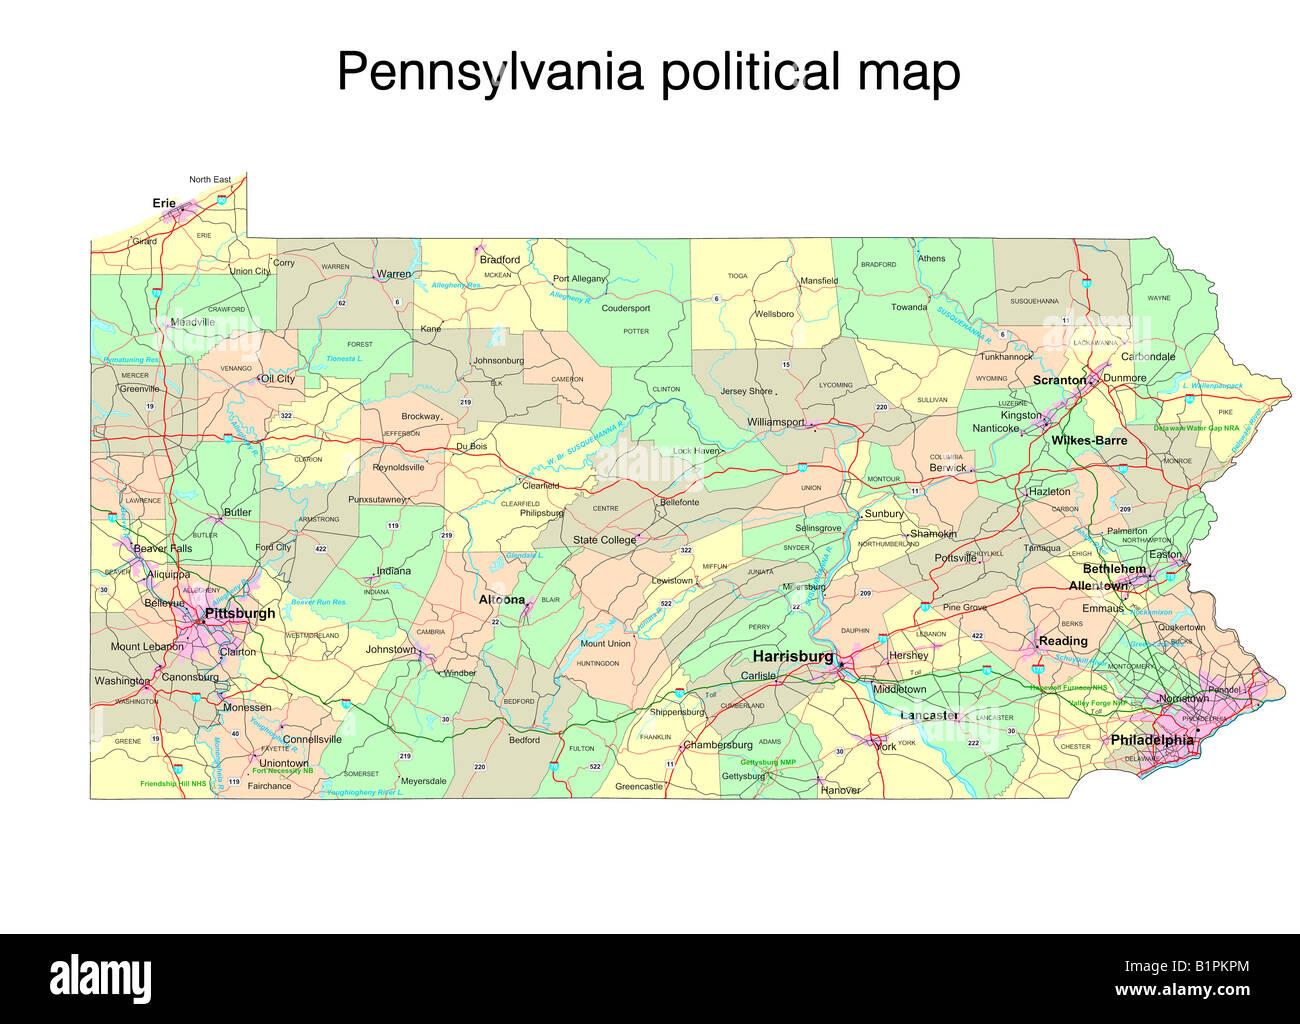 pennsylvania karte Pennsylvania State politische Karte Stockfoto, Bild: 18323500   Alamy pennsylvania karte